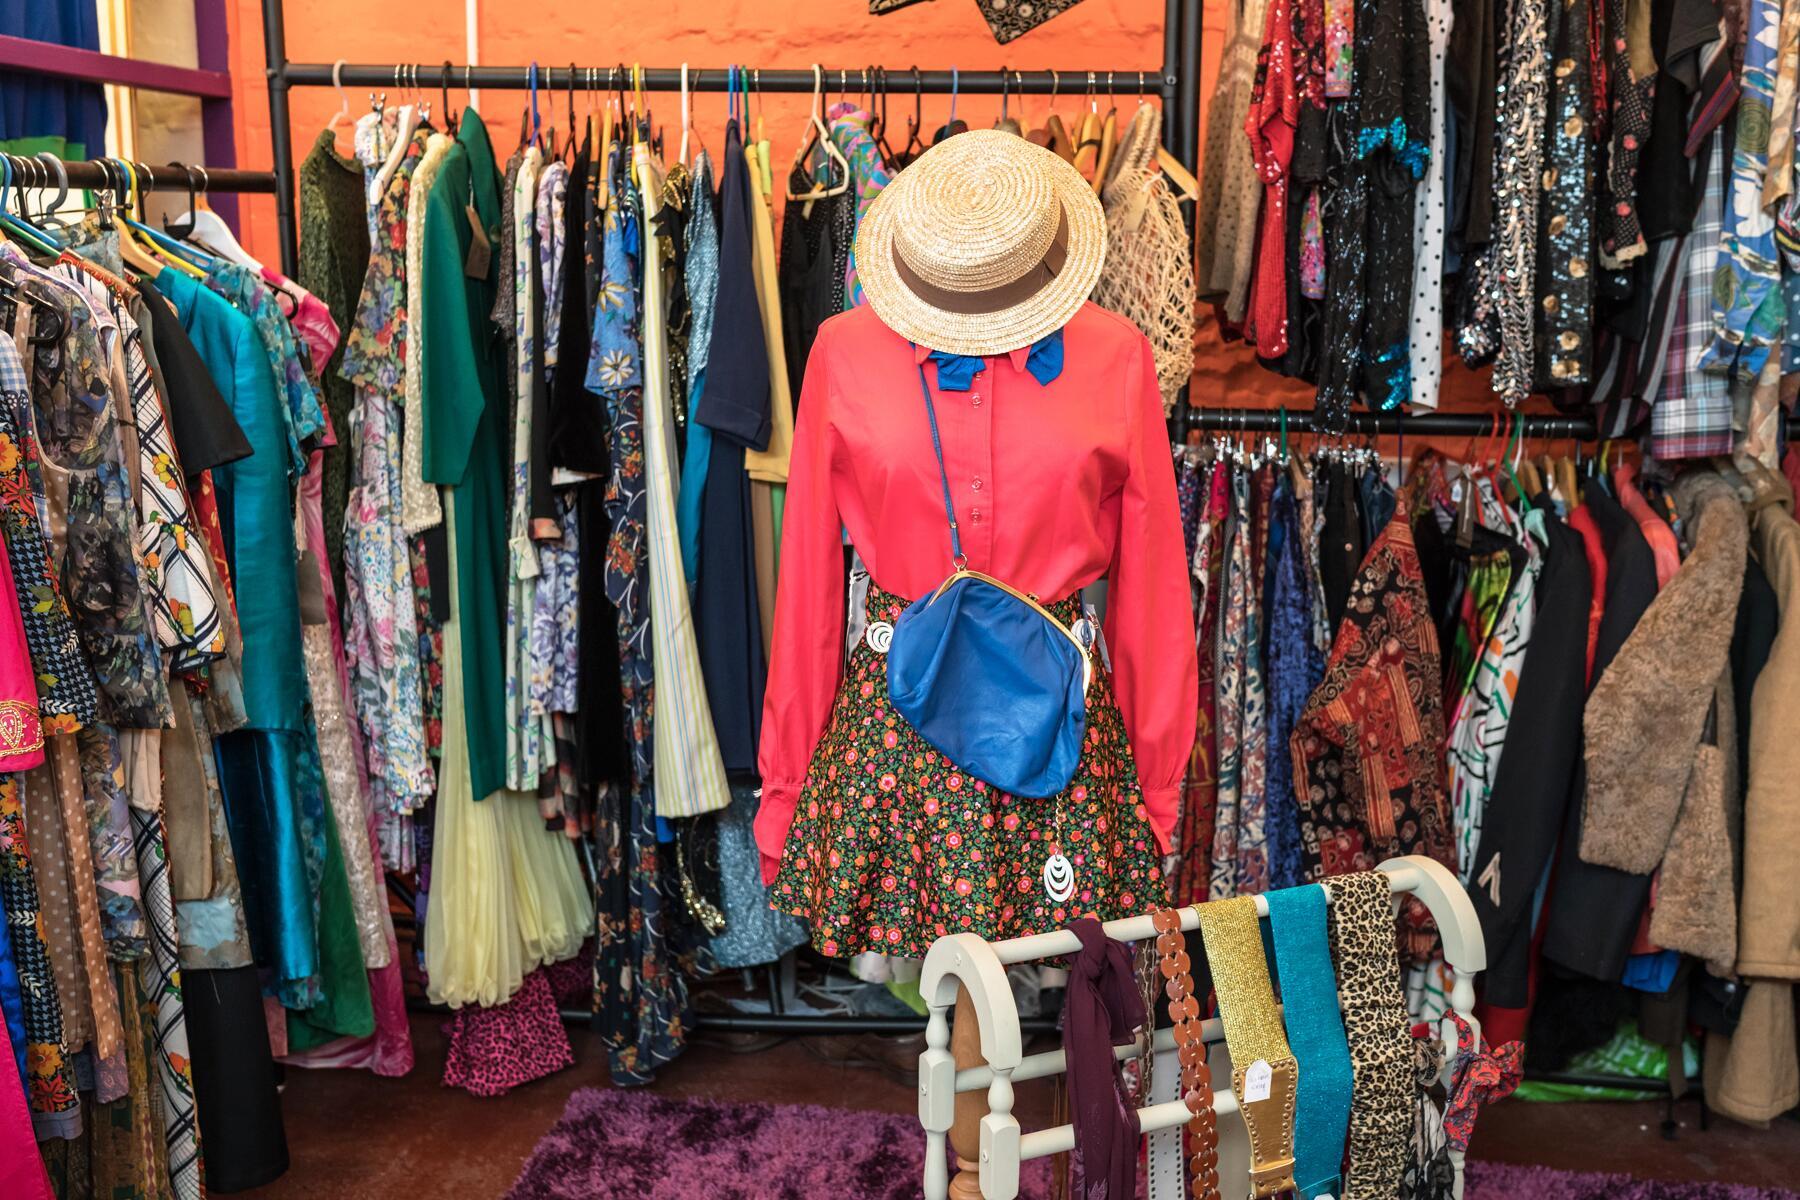 Lý do yêu thích Thrift shop là gì?